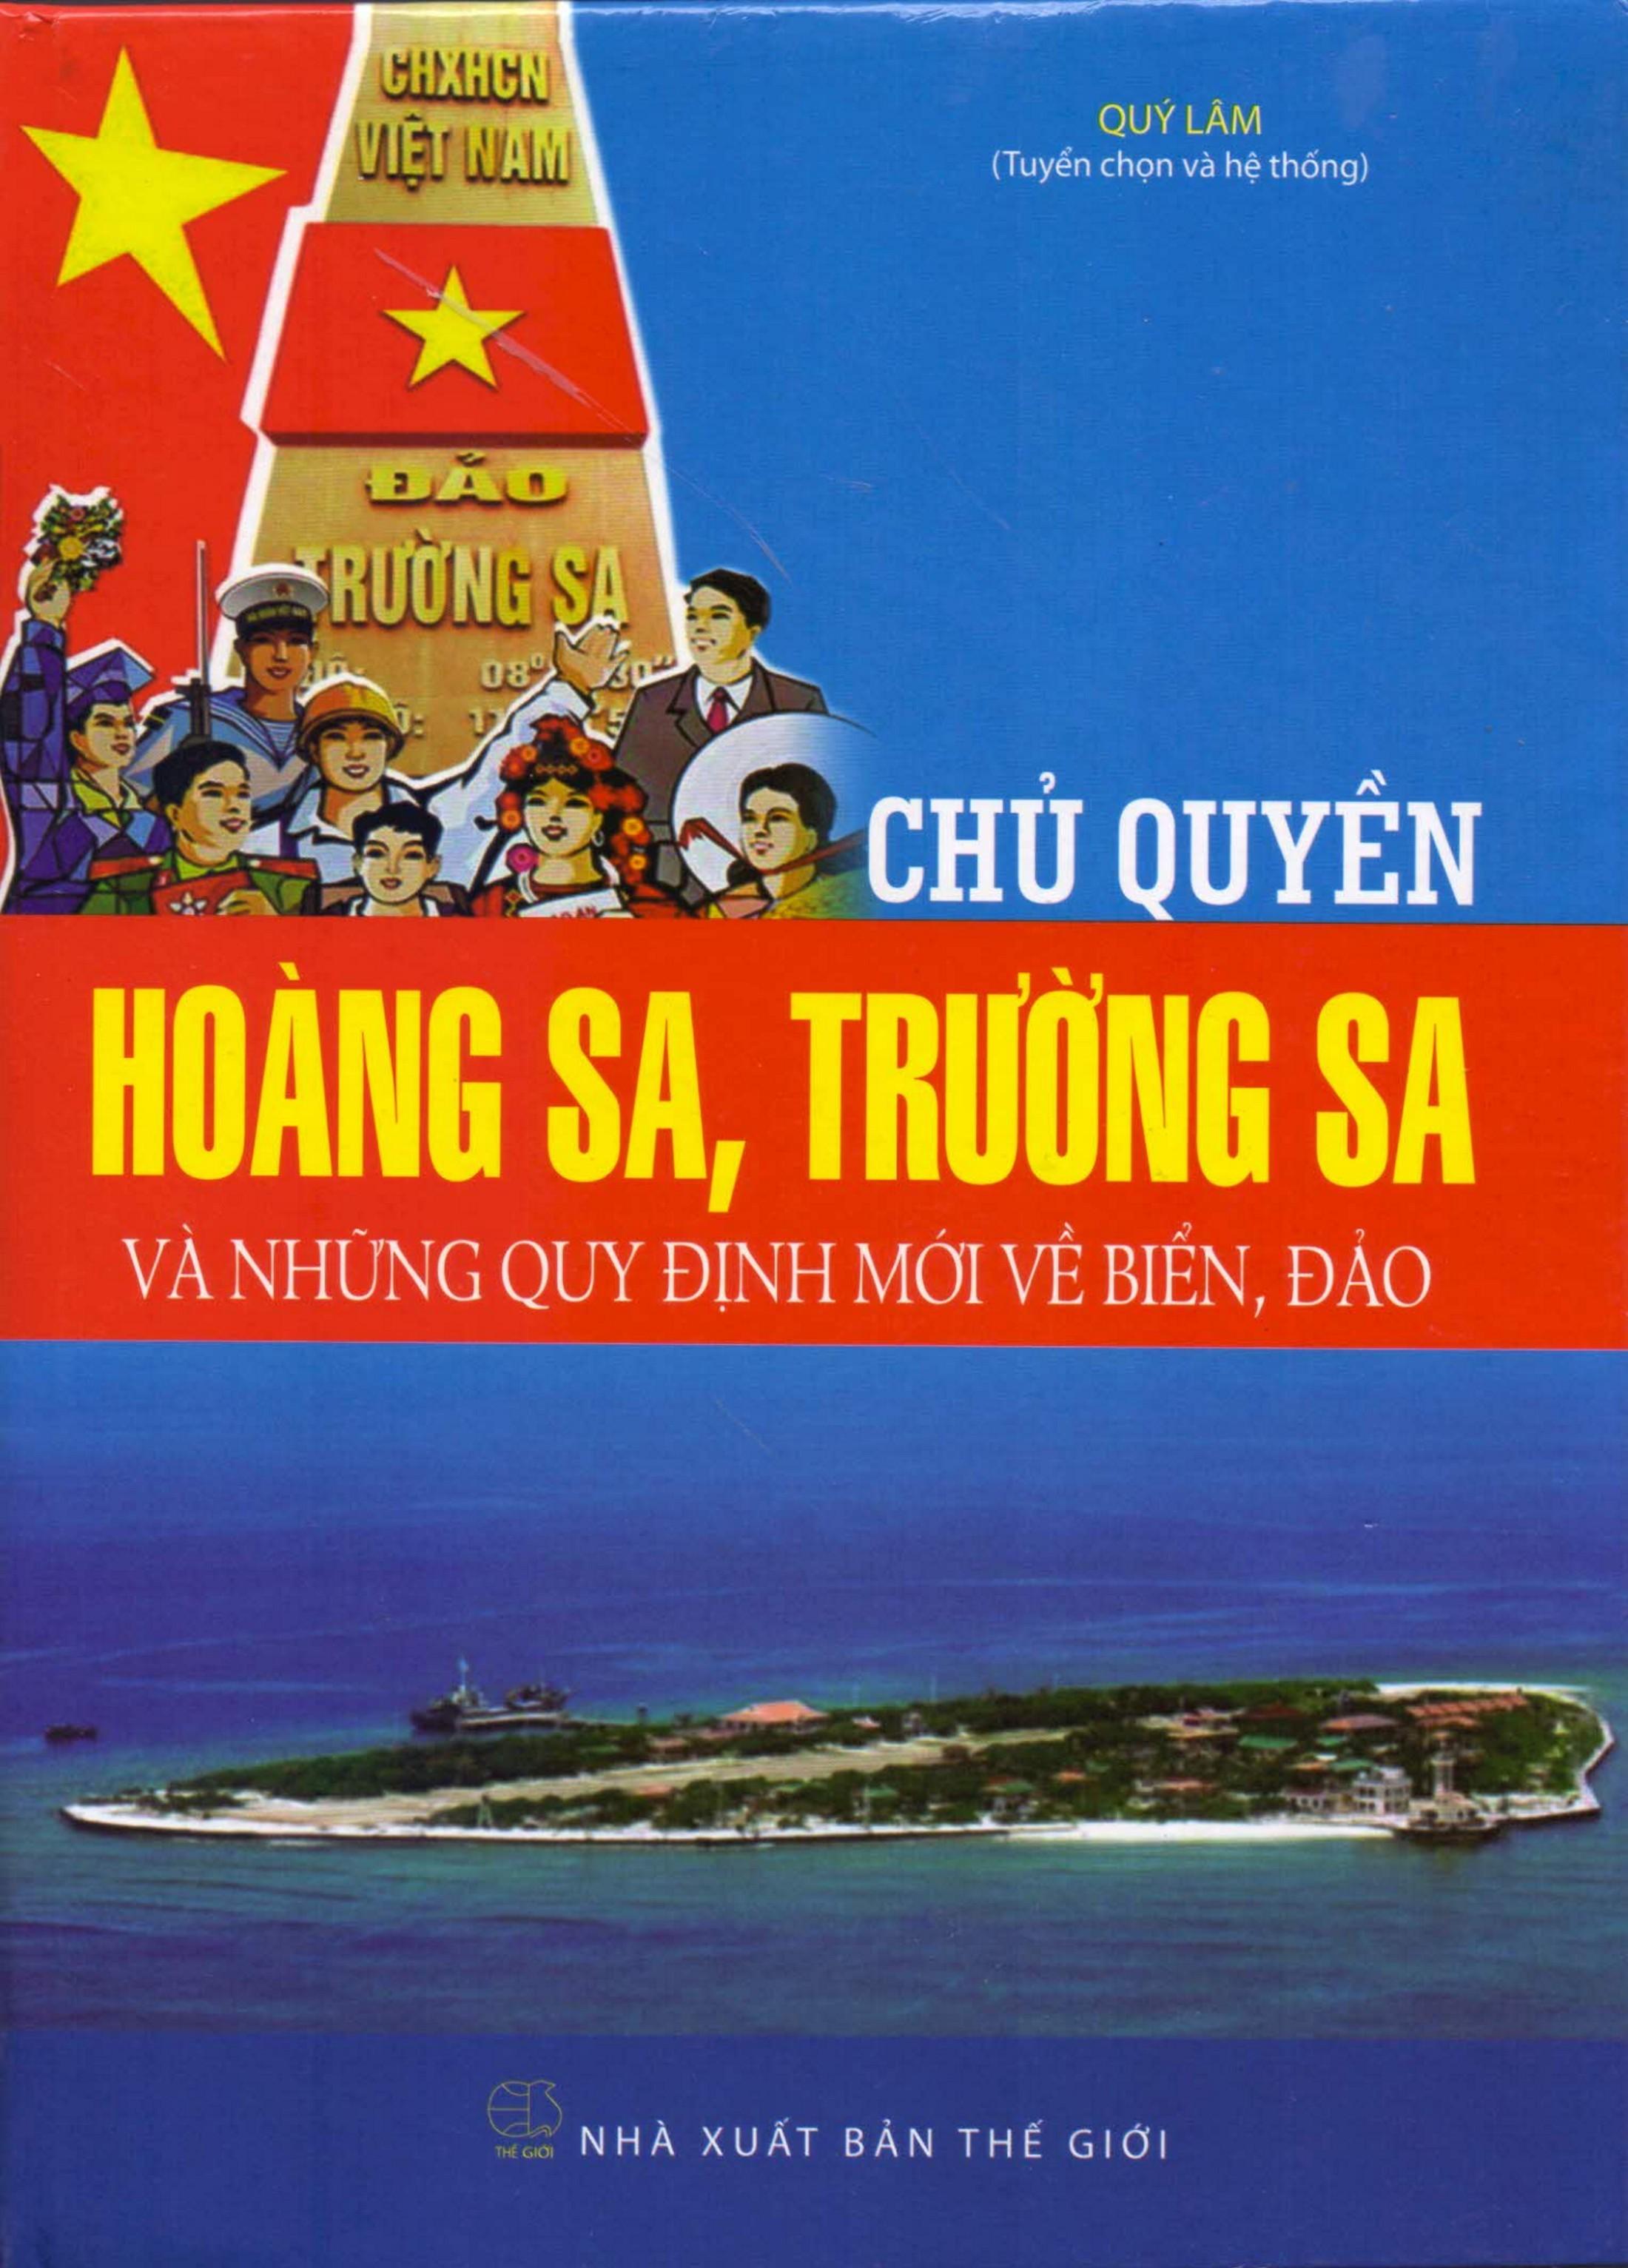 Chủ Quyền Hoàng Sa, Trường Sa Và Những Quy Định Mới Về Biển Đảo - 5226322 , 9786047727407 , 62_291085 , 365000 , Chu-Quyen-Hoang-Sa-Truong-Sa-Va-Nhung-Quy-Dinh-Moi-Ve-Bien-Dao-62_291085 , tiki.vn , Chủ Quyền Hoàng Sa, Trường Sa Và Những Quy Định Mới Về Biển Đảo